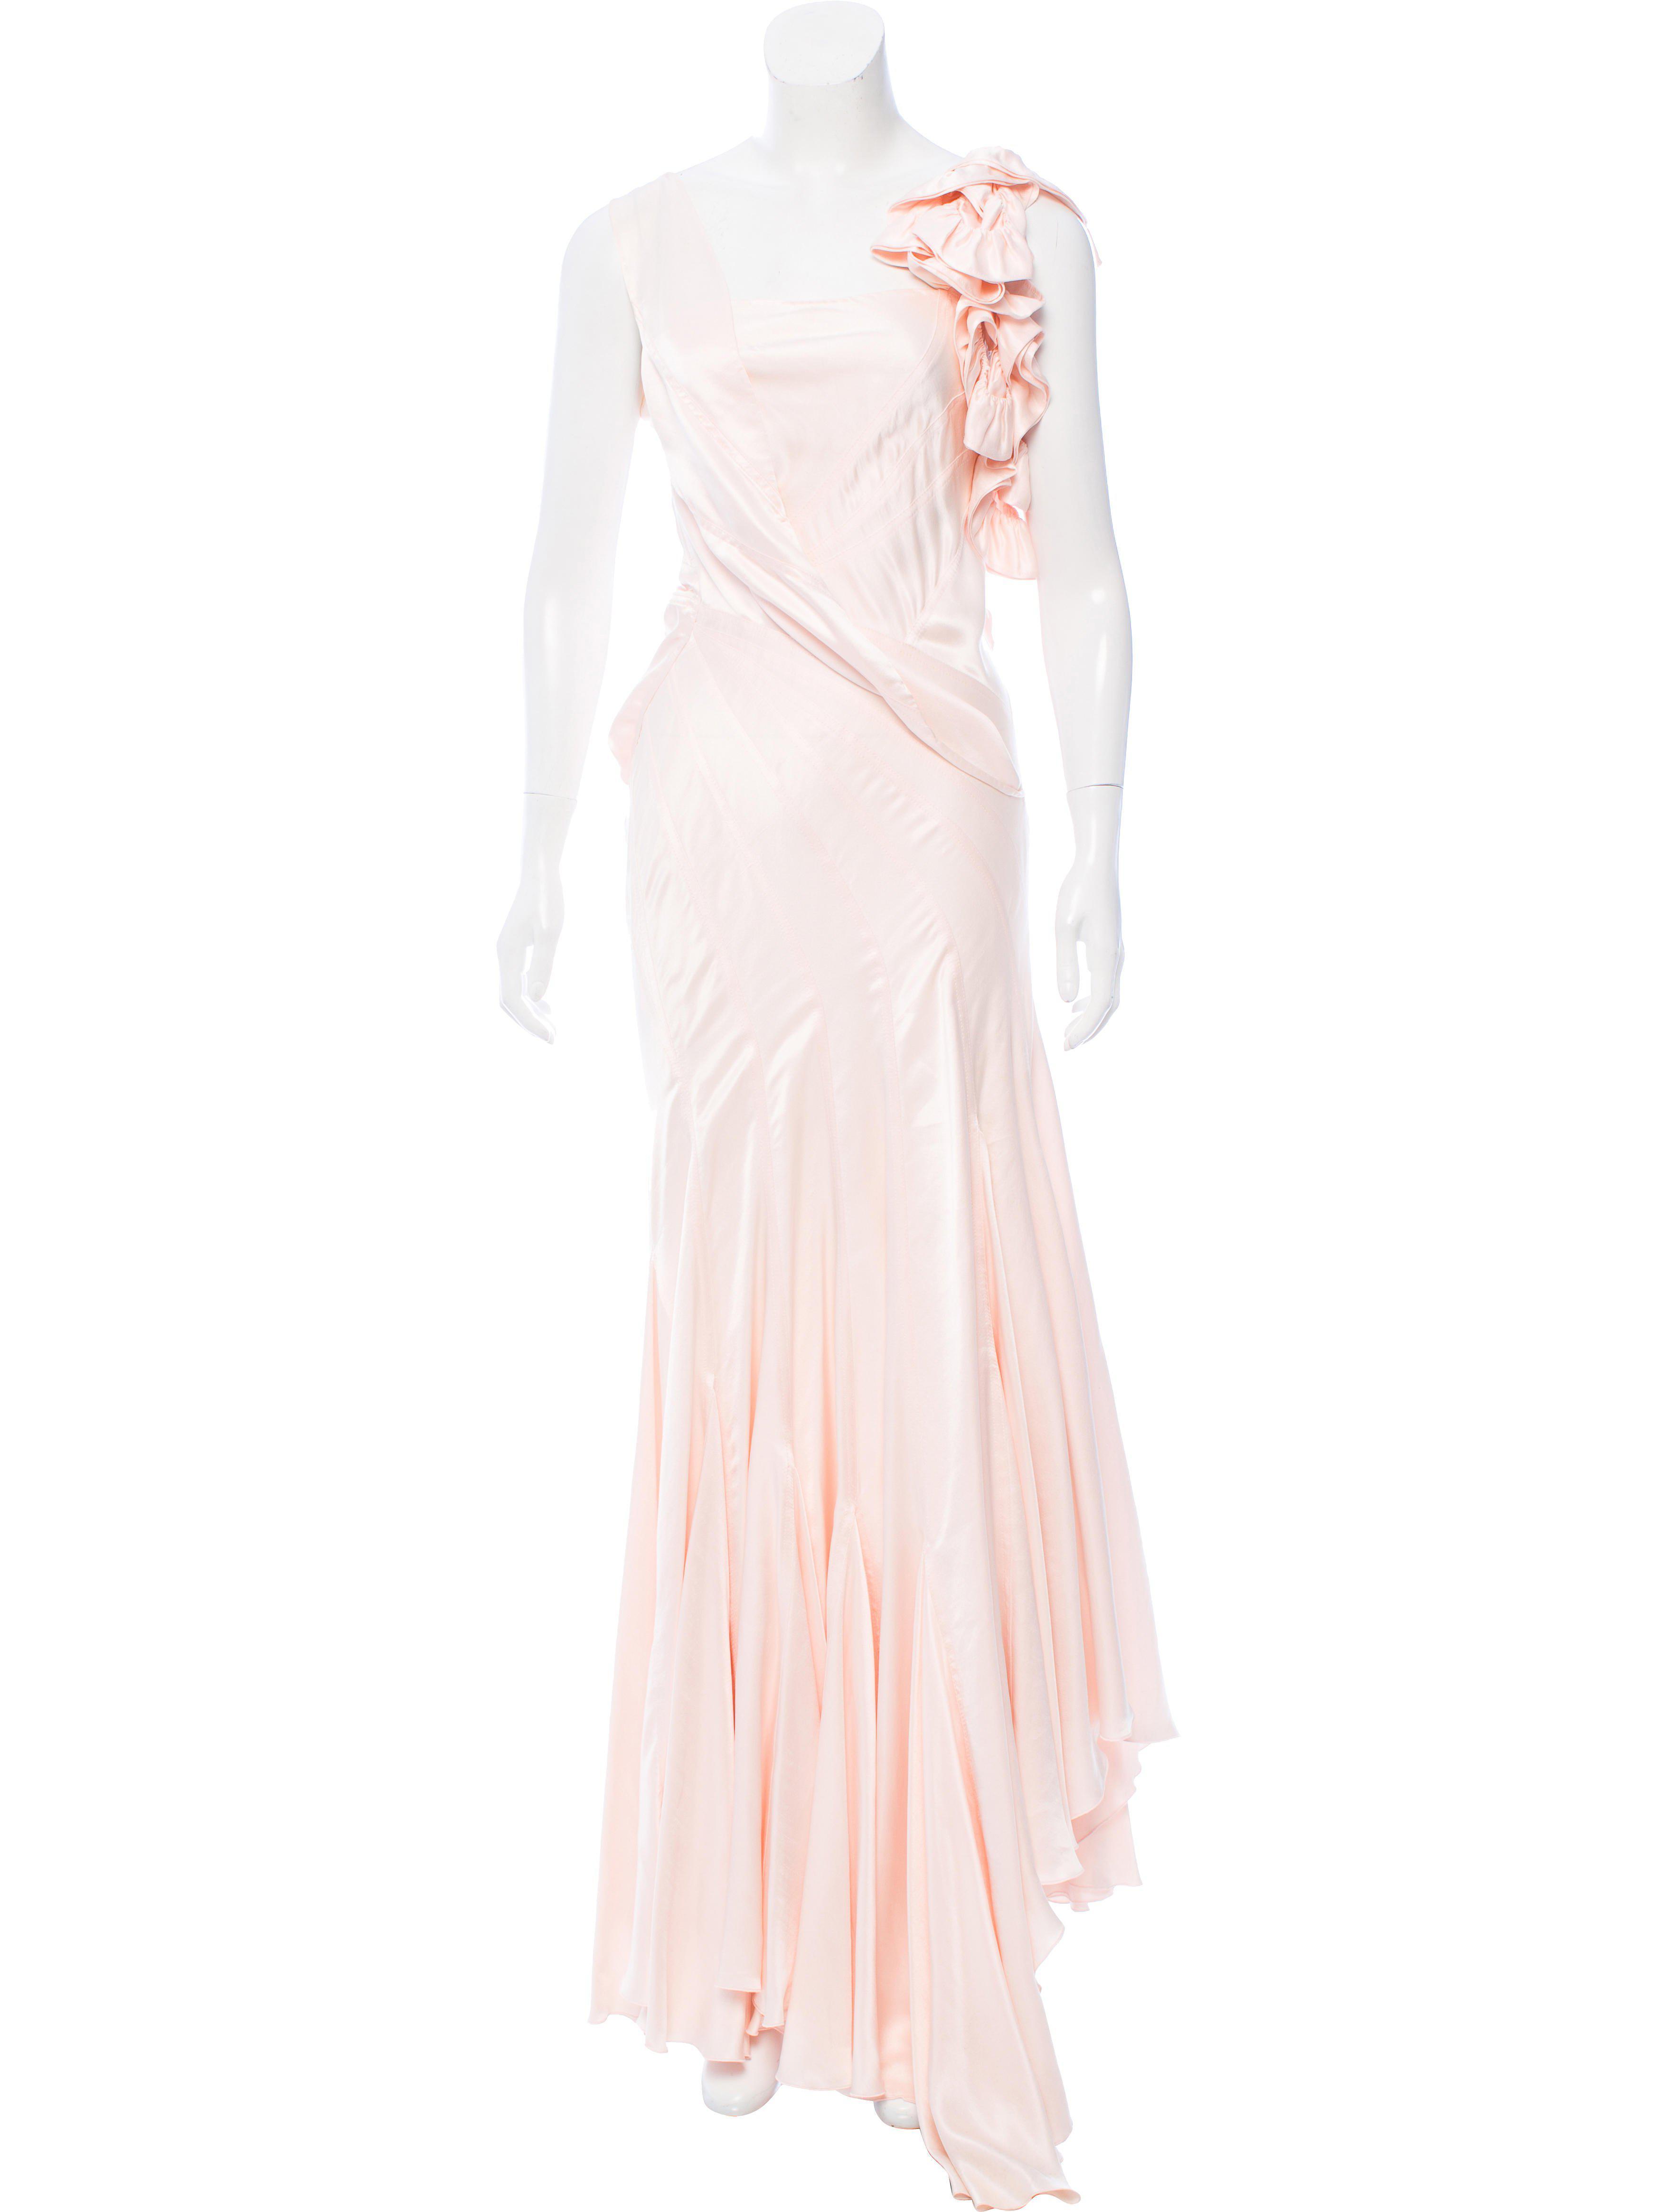 Roberto cavalli Silk Evening Gown in Pink | Lyst